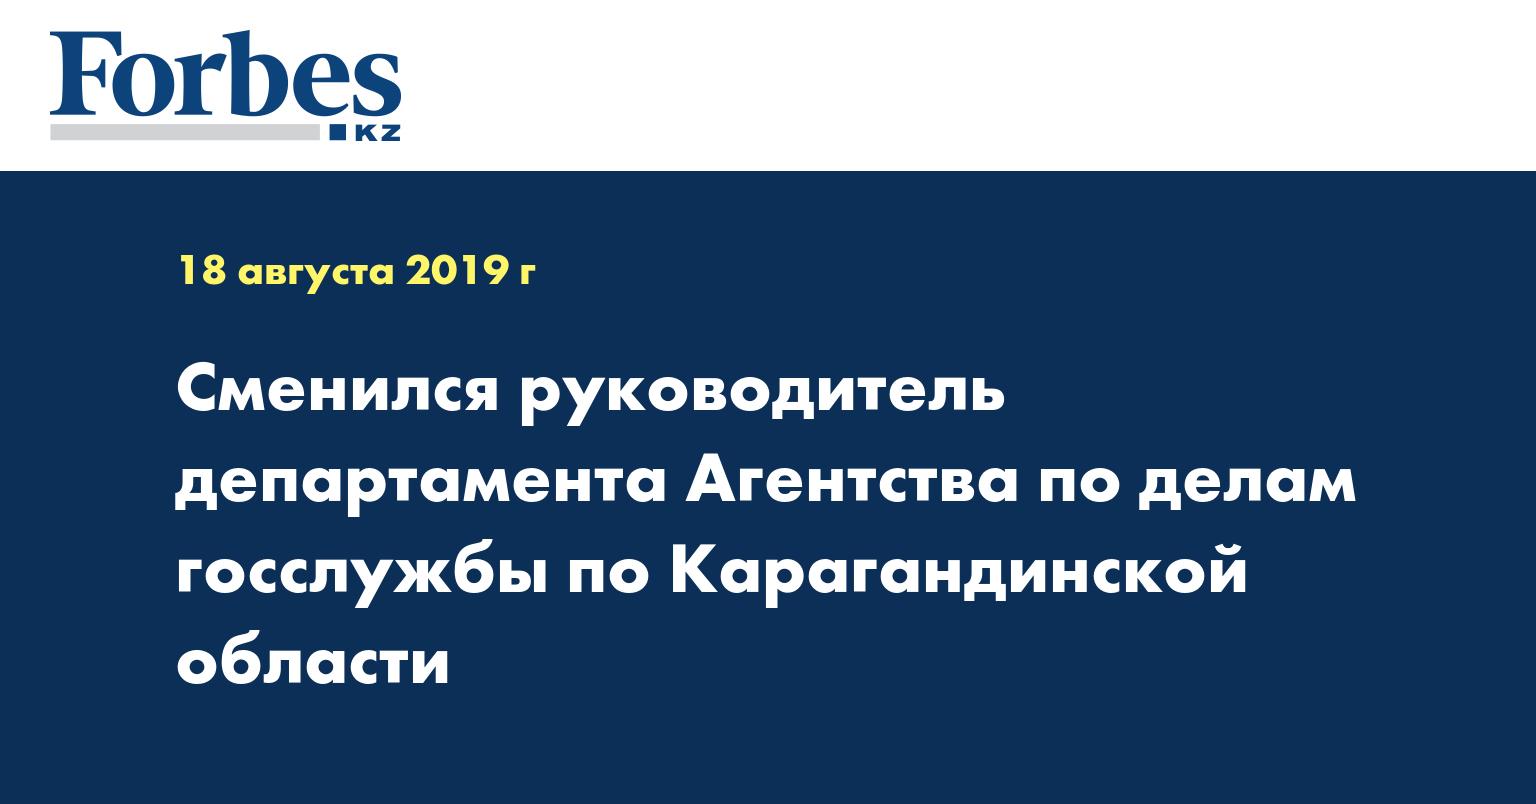 Сменился руководитель департамента Агентства по делам госслужбы по Карагандинской области